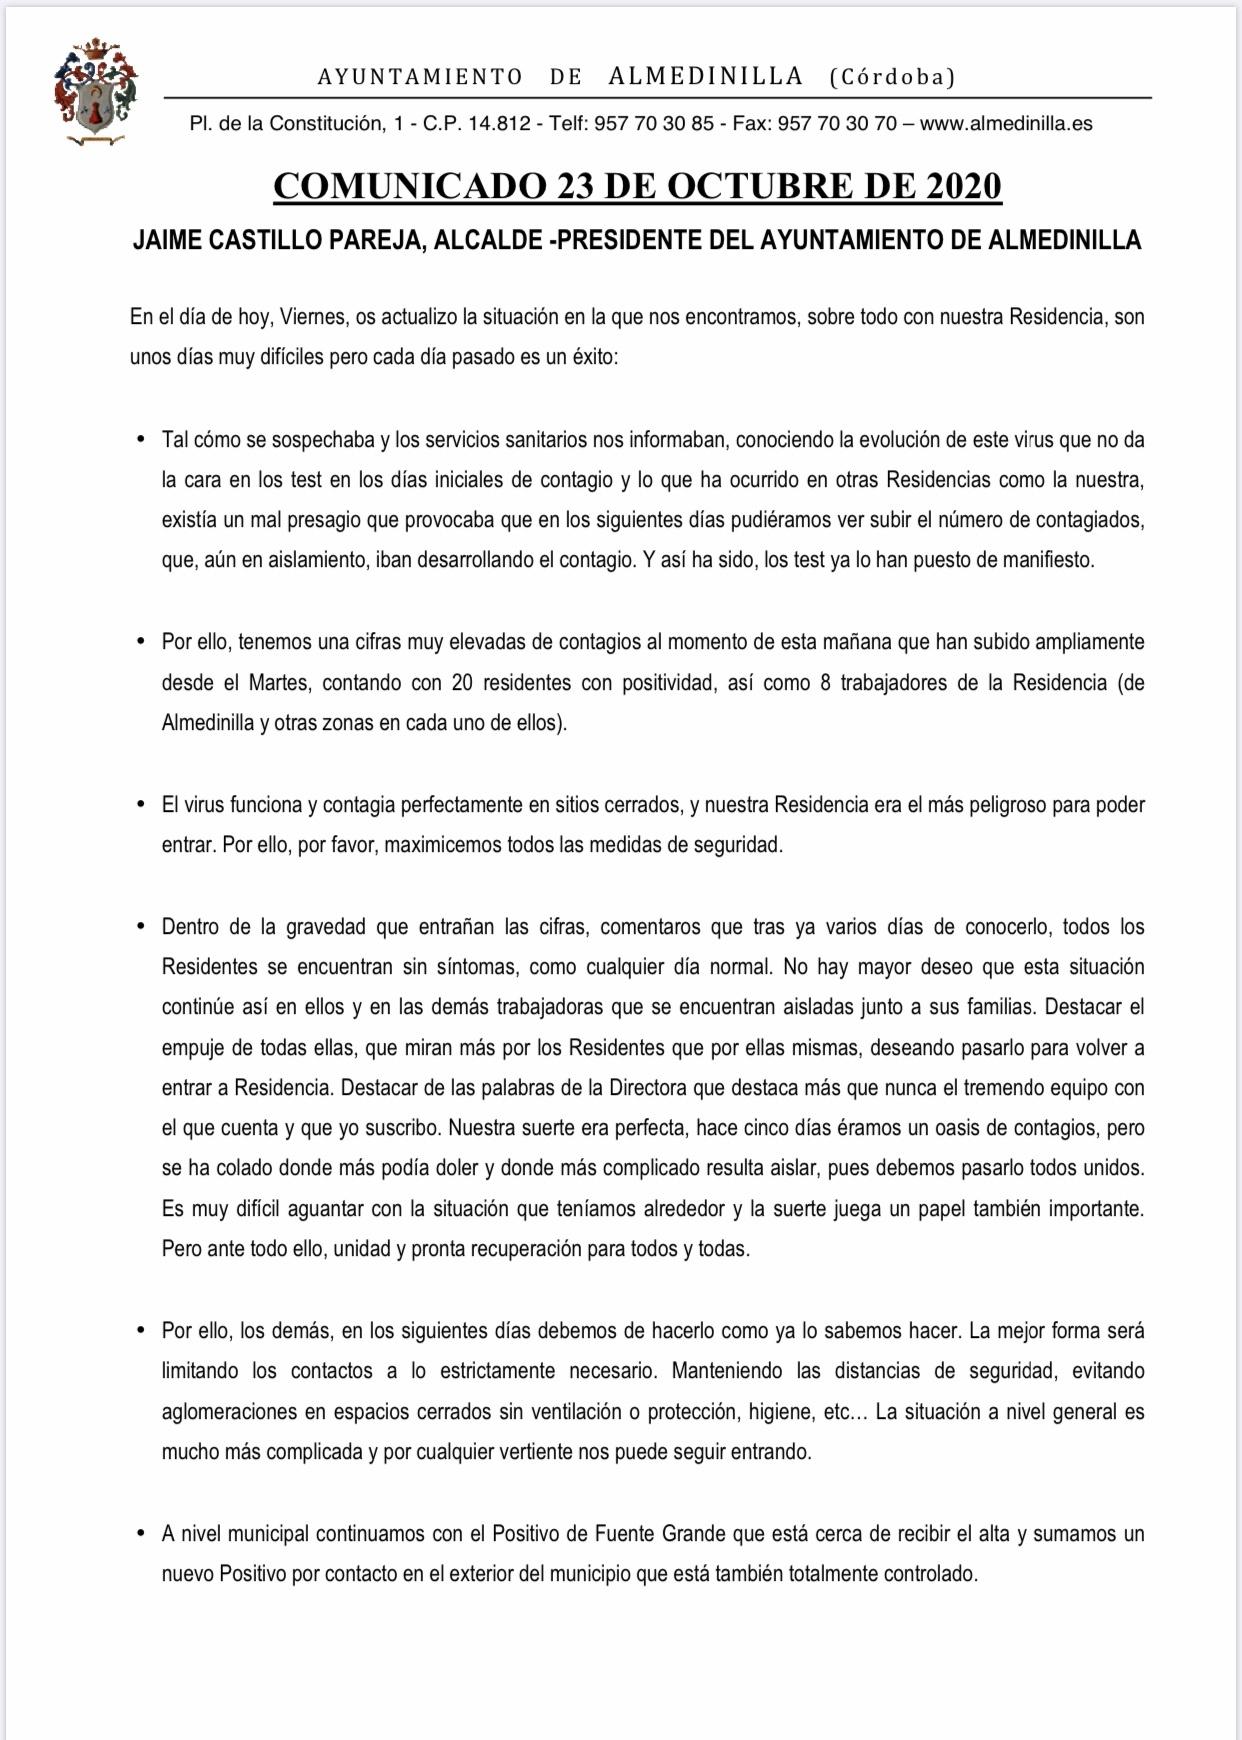 Comunicado sobre la situación actual #Covid19 en nuestro municipio a 23 de octubre 2020 1